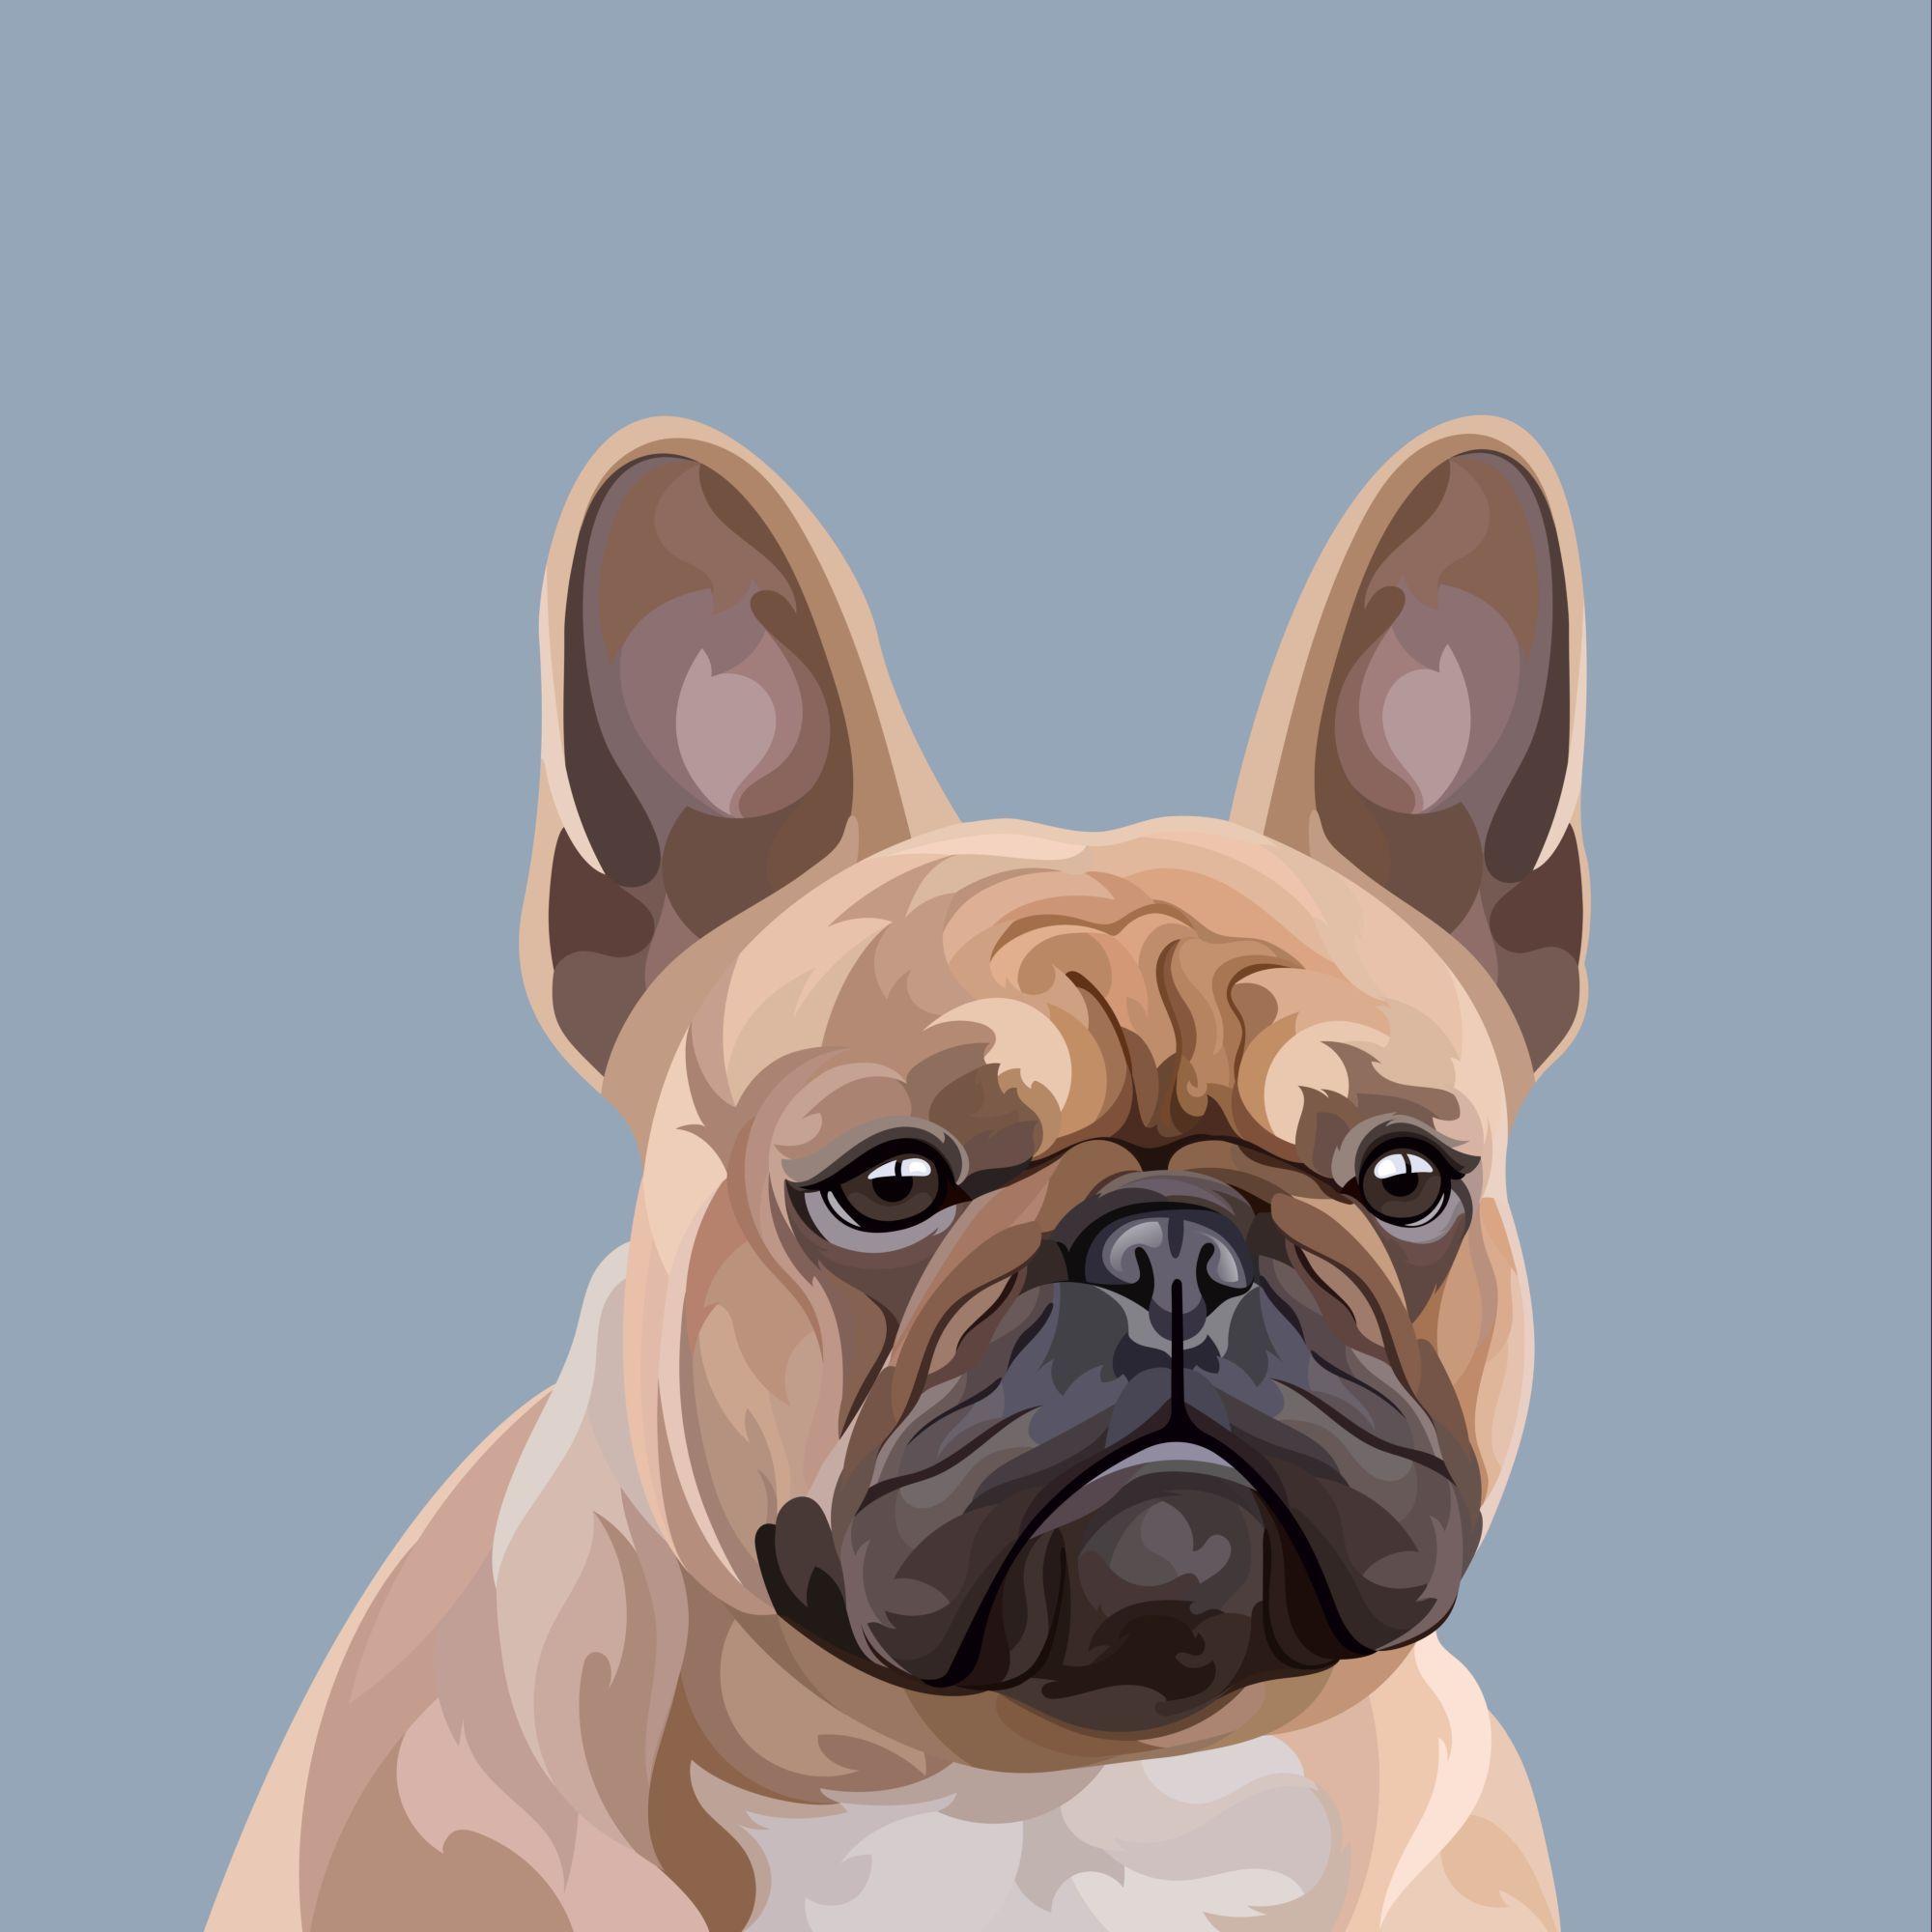 Custom Digital Pet Portrait Detailed Pet Illustration | Etsy | Pet portraits,  Custom pet portraits, Cat portraits